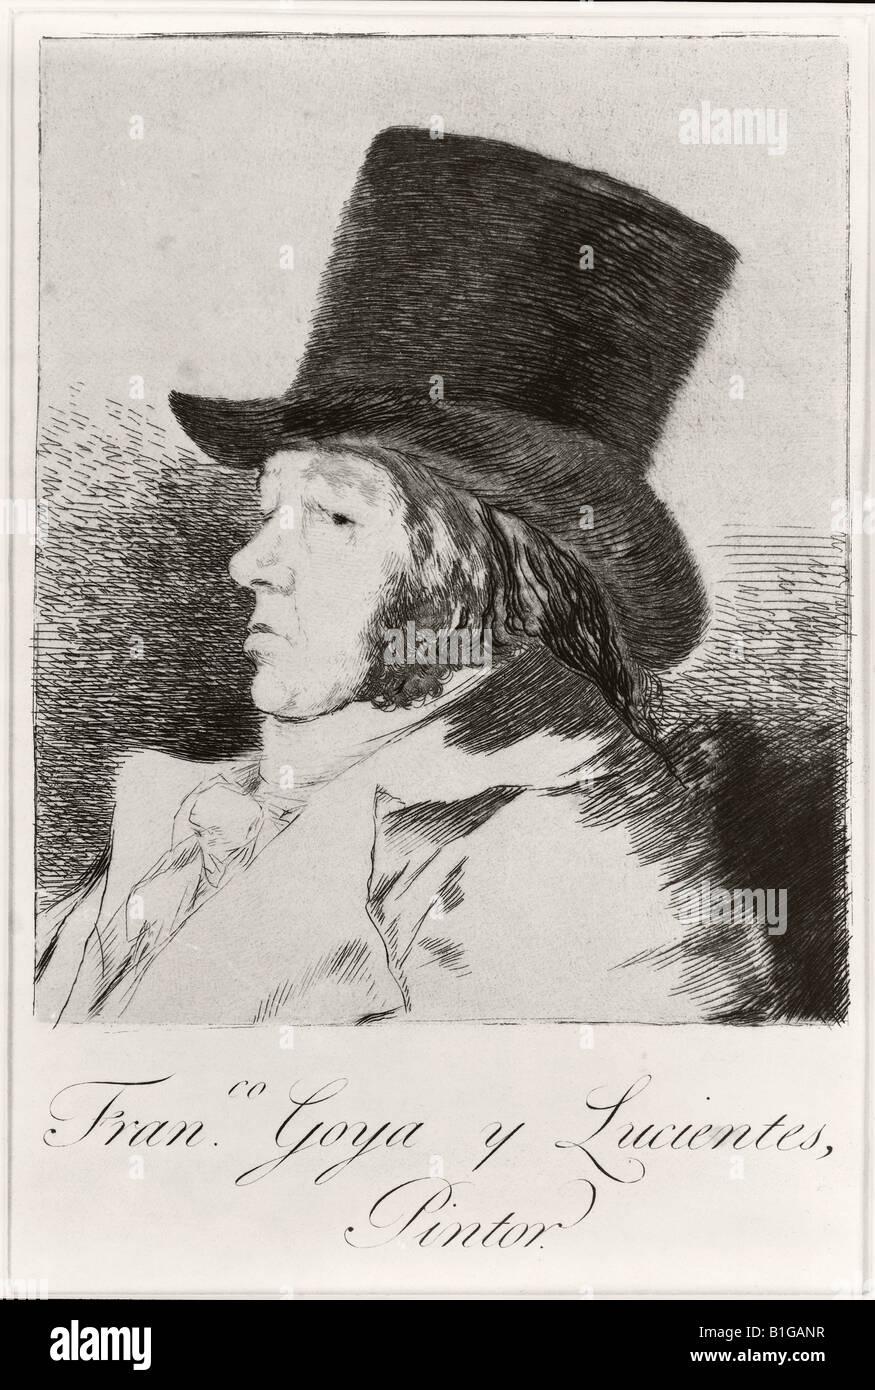 Francisco José de Goya y Lucientes 1746 a 1828 el pintor y grabador español autorretrato Foto de stock